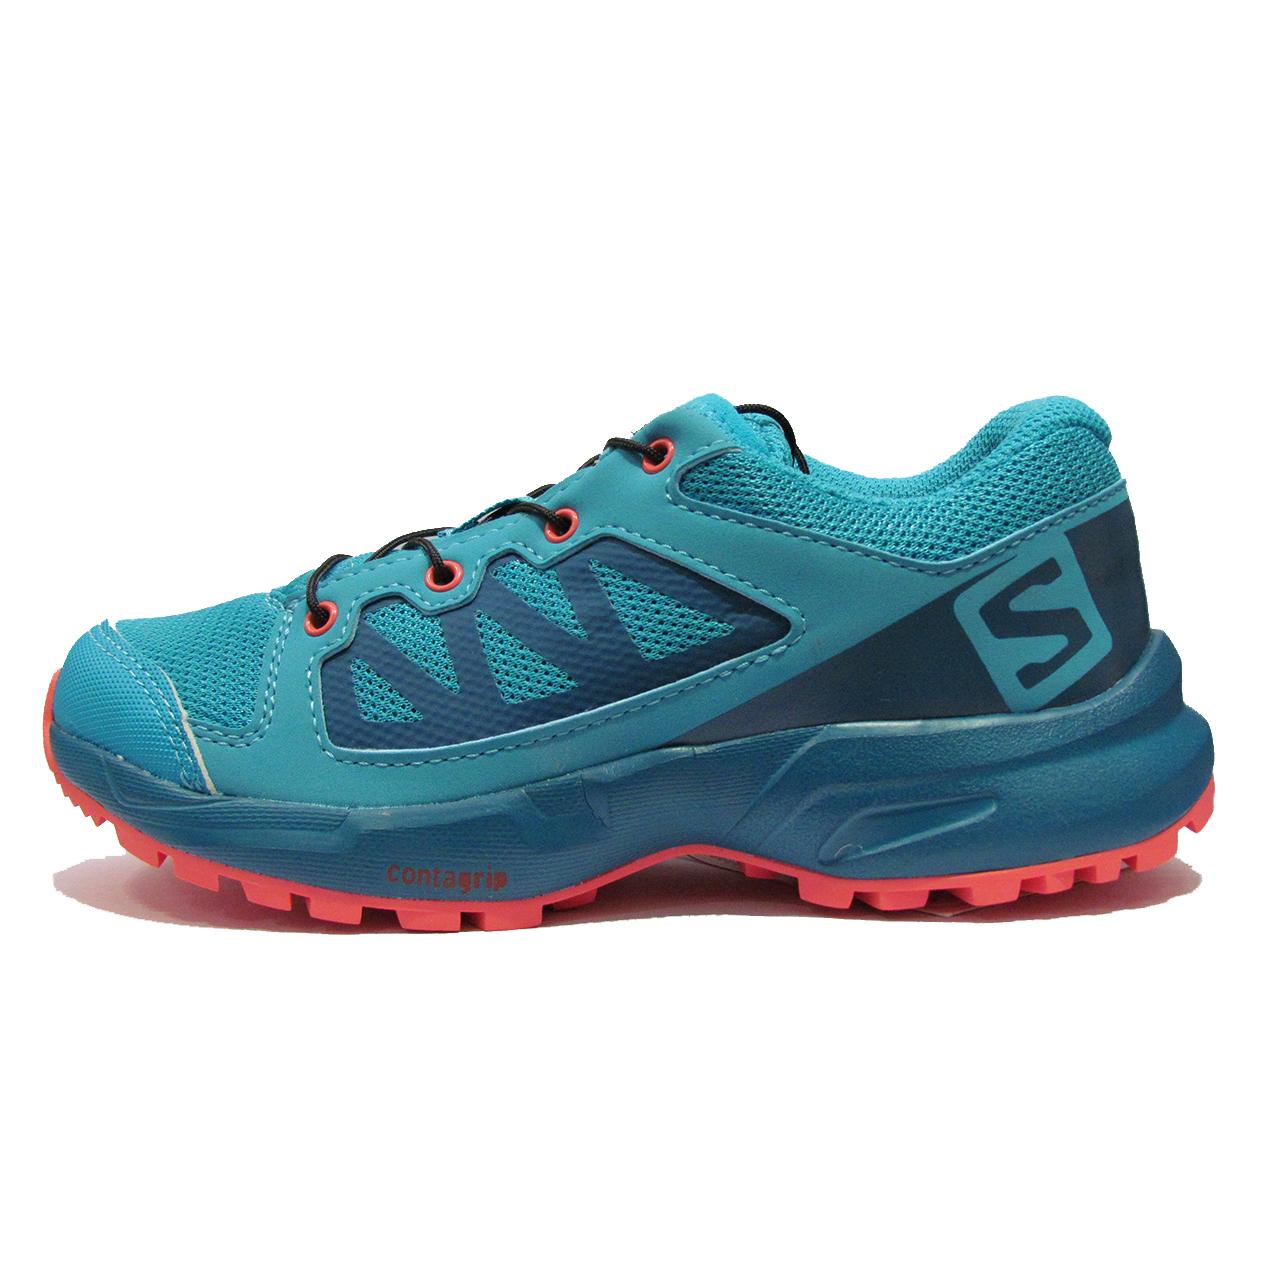 کفش مخصوص پیاده روی بچگانه سالومون مدل 404807 MIRACLE